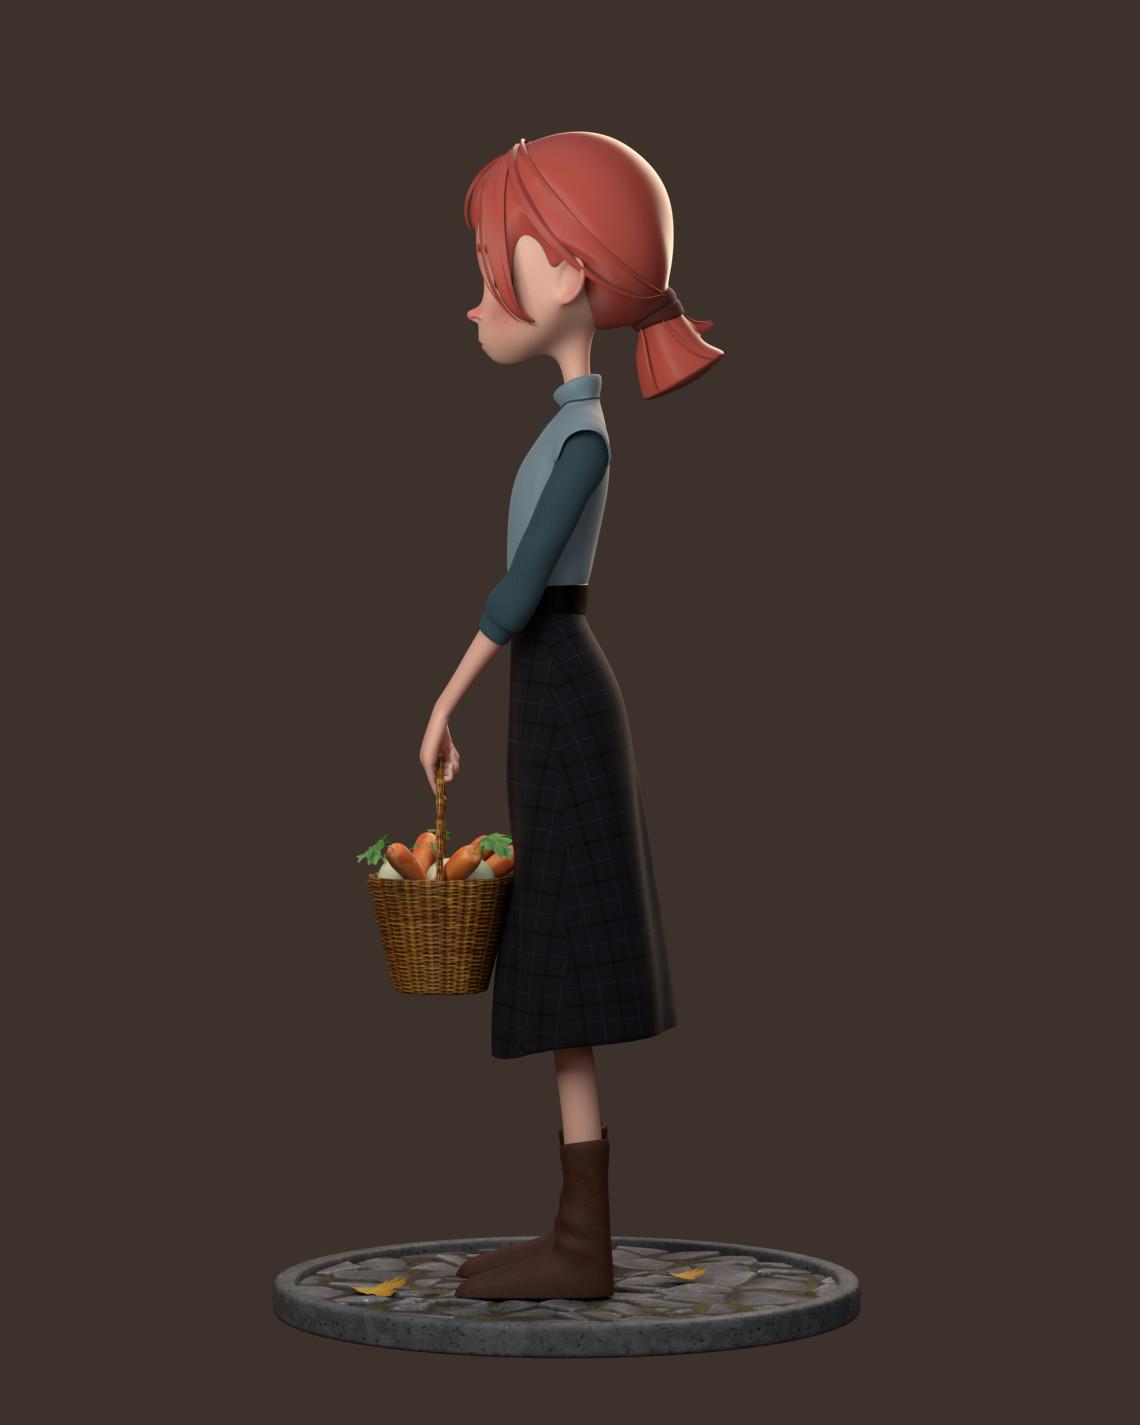 小红帽Ruby  设计师:Anoop7